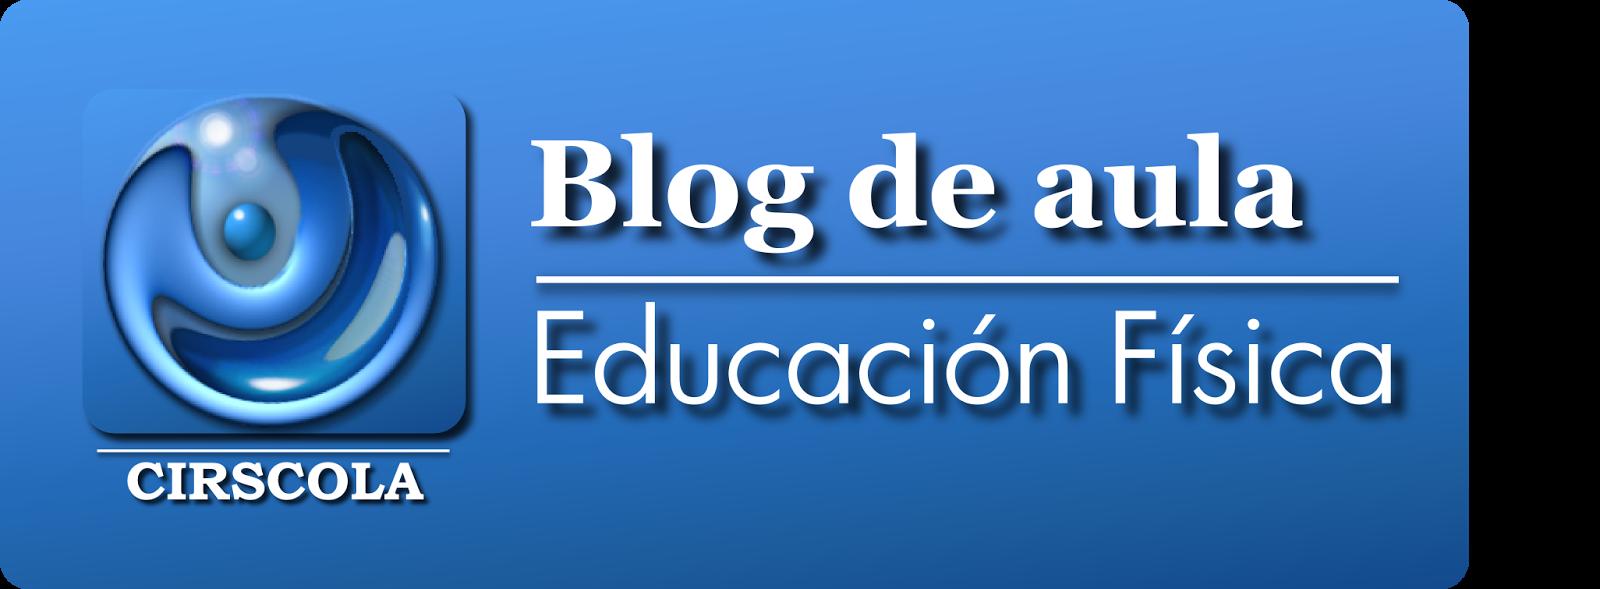 http://cirscolaef.blogspot.com.es/